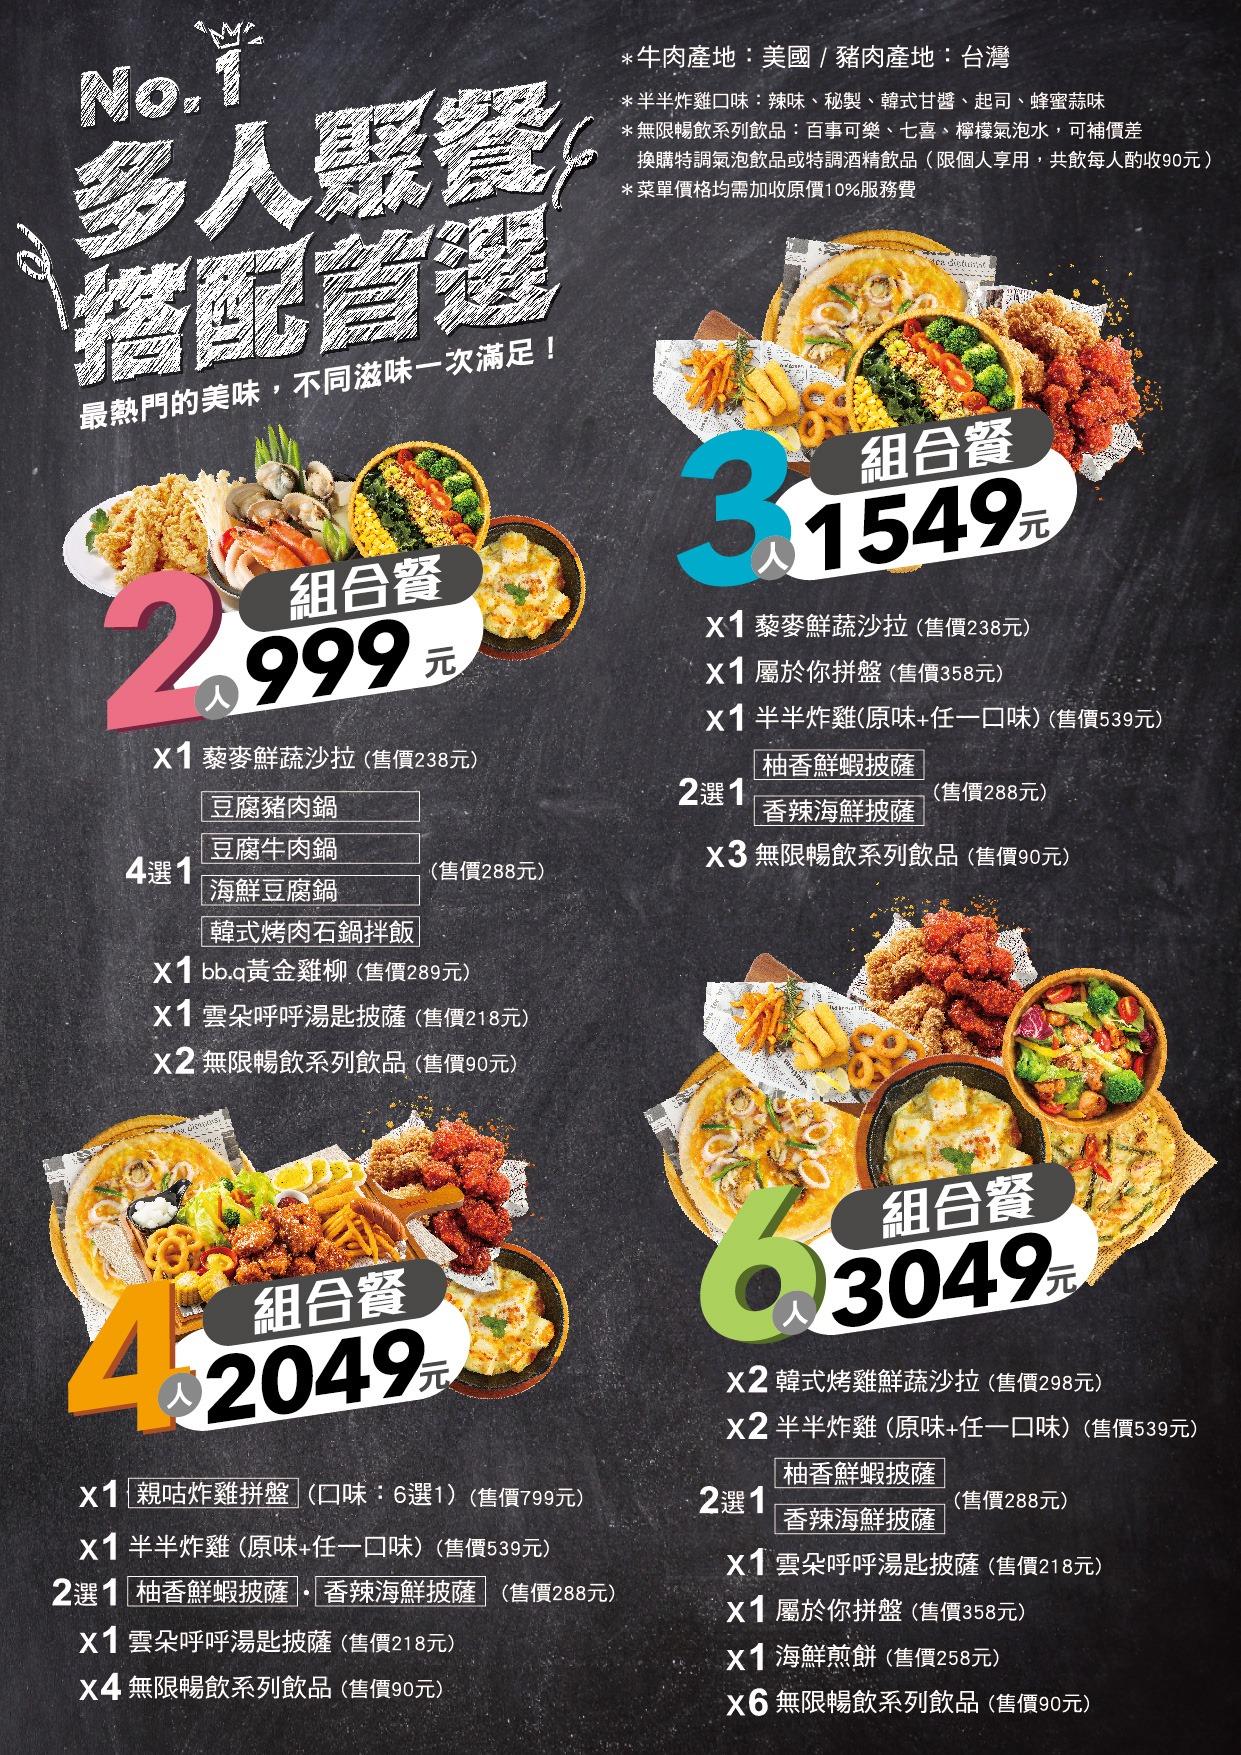 [南京復興美食]bb.q CHICKEN旗艦店(附完整菜單)/韓劇鬼怪炸雞/世界最大的韓式炸雞店